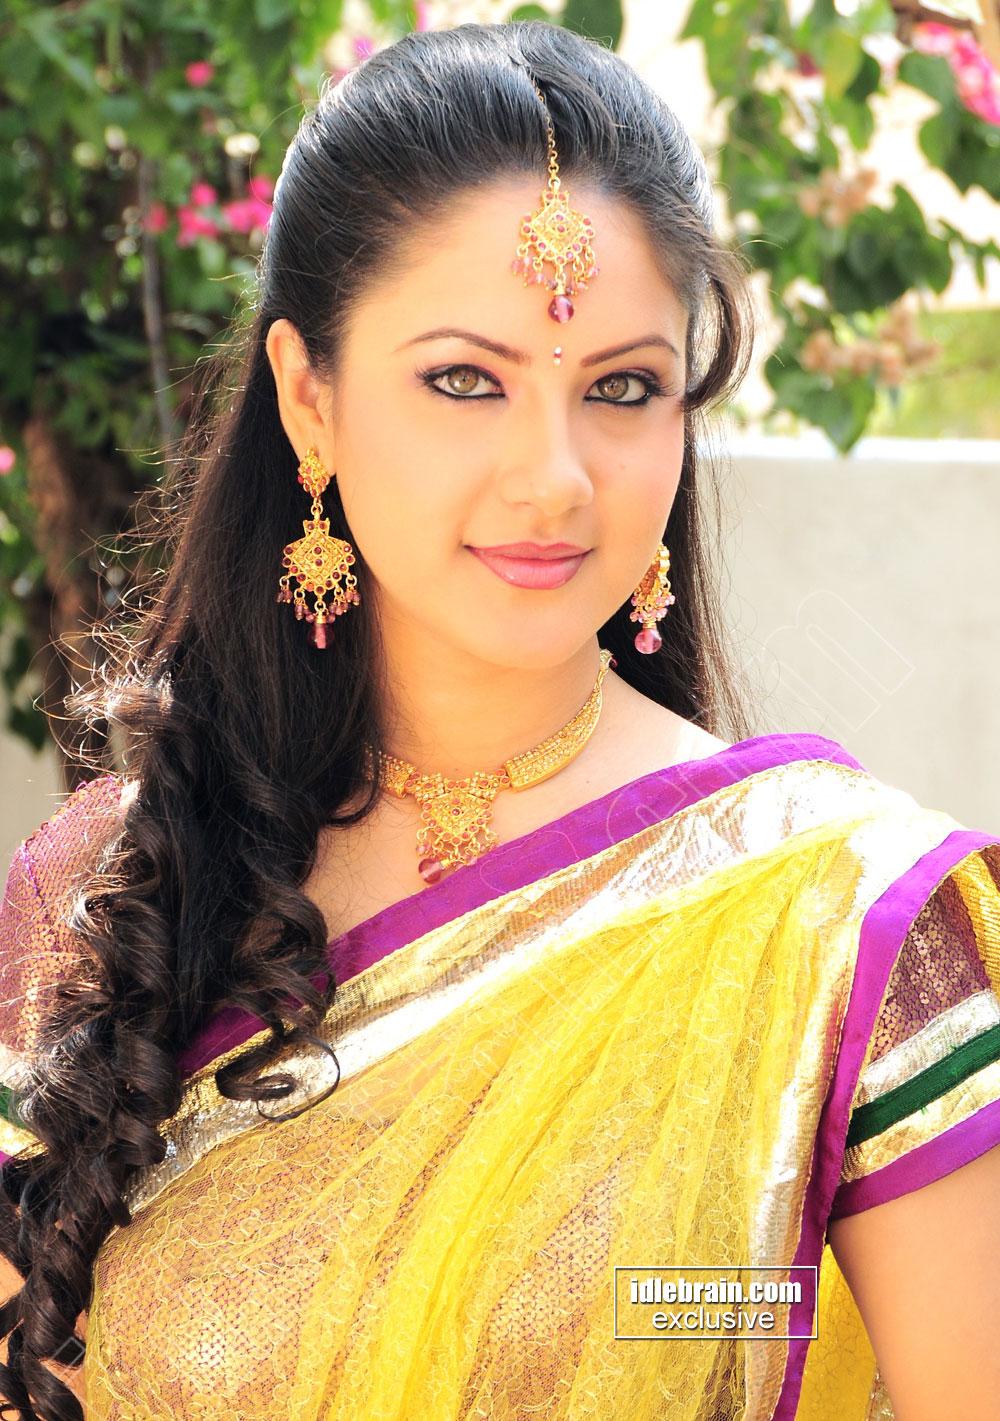 Pooja Bose - Pooja Bose photo gallery - Telugu cinema actress